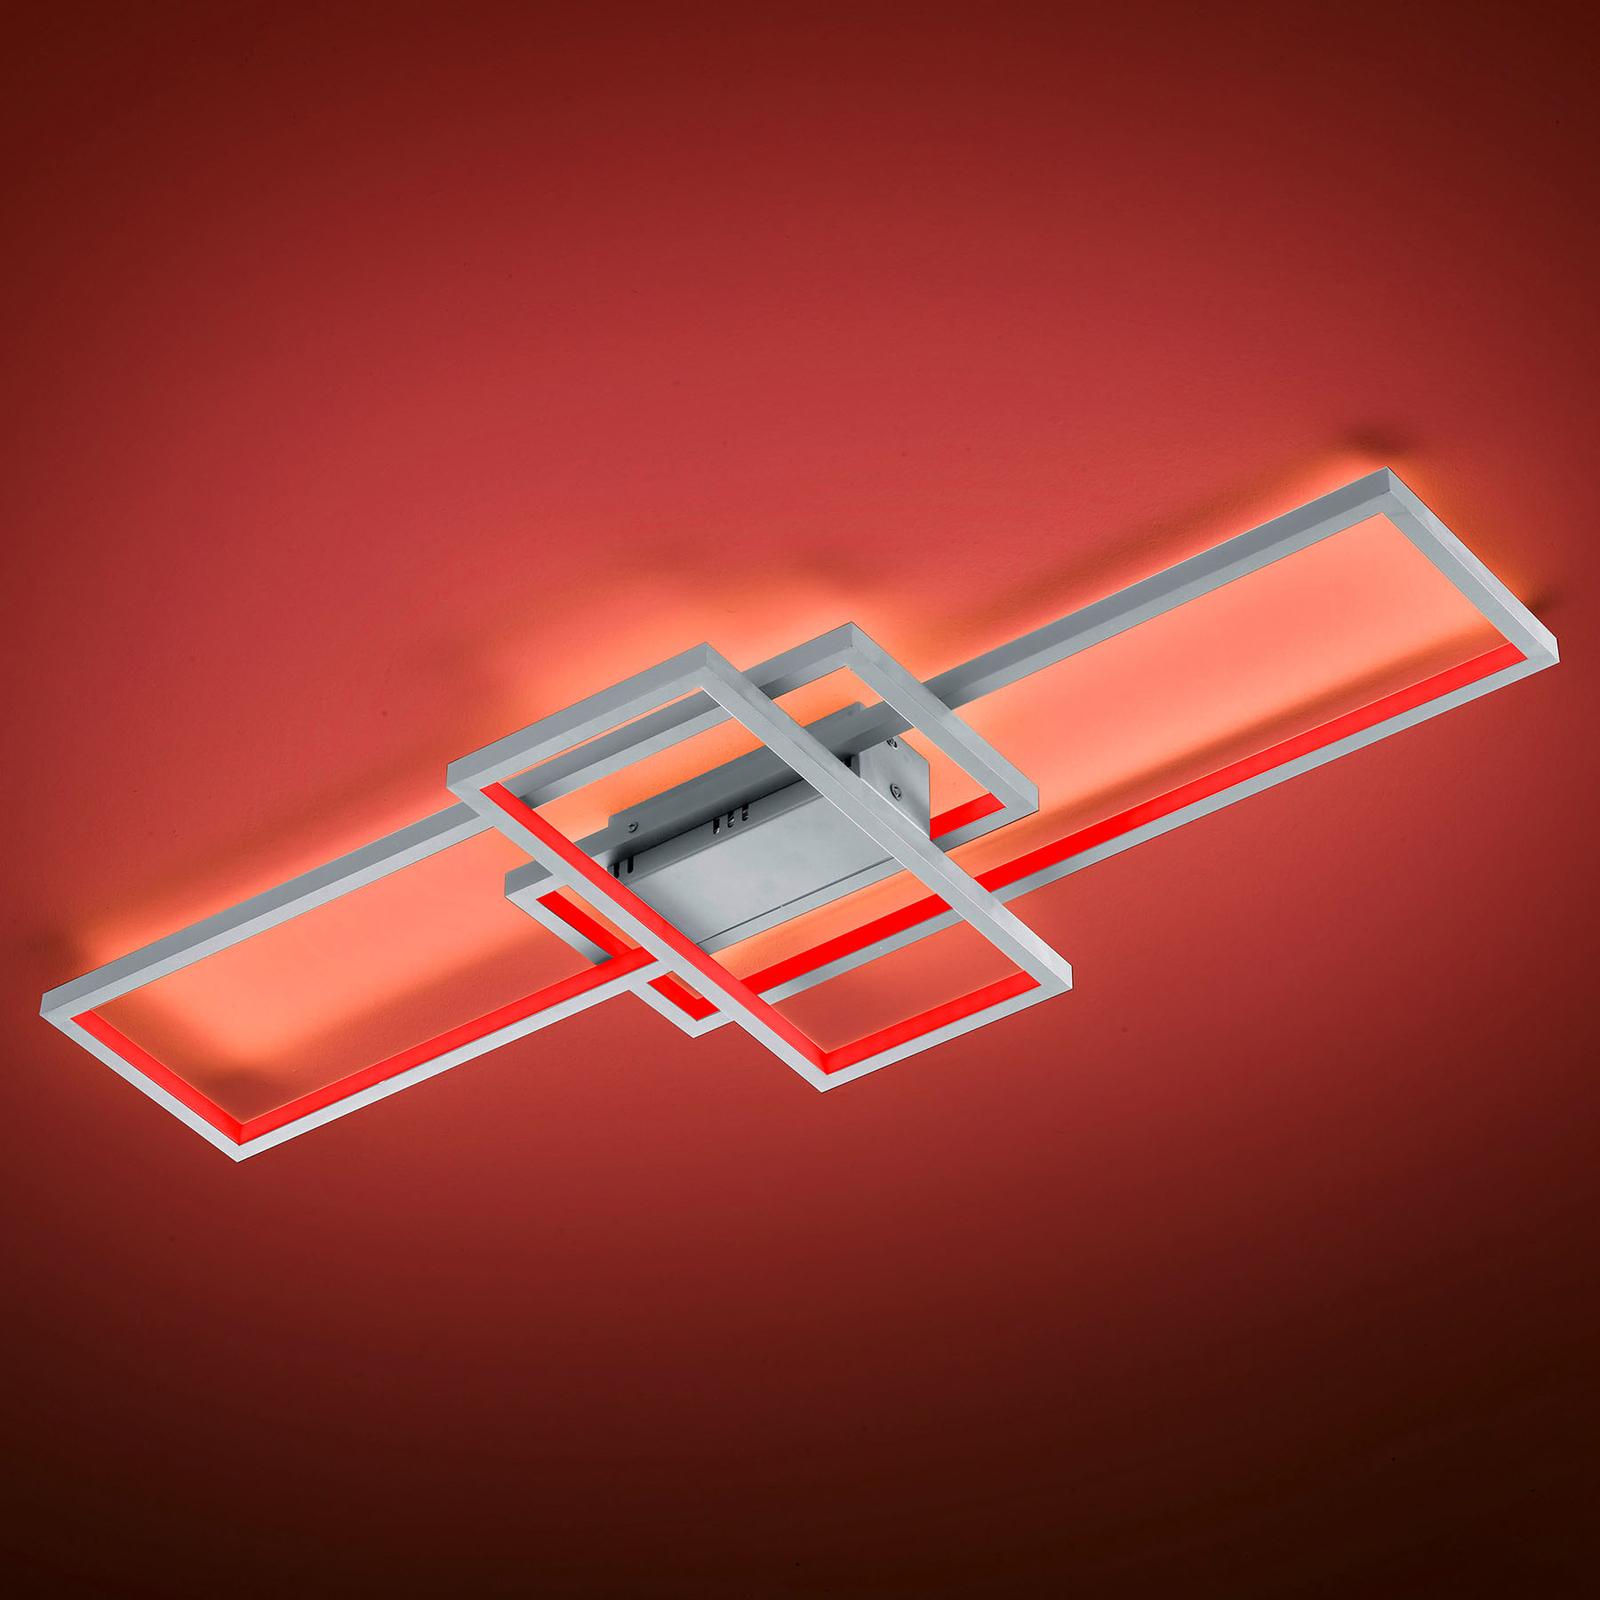 Trio WiZ Thiago LED-kattovalaisin 104 cm, nikkeli